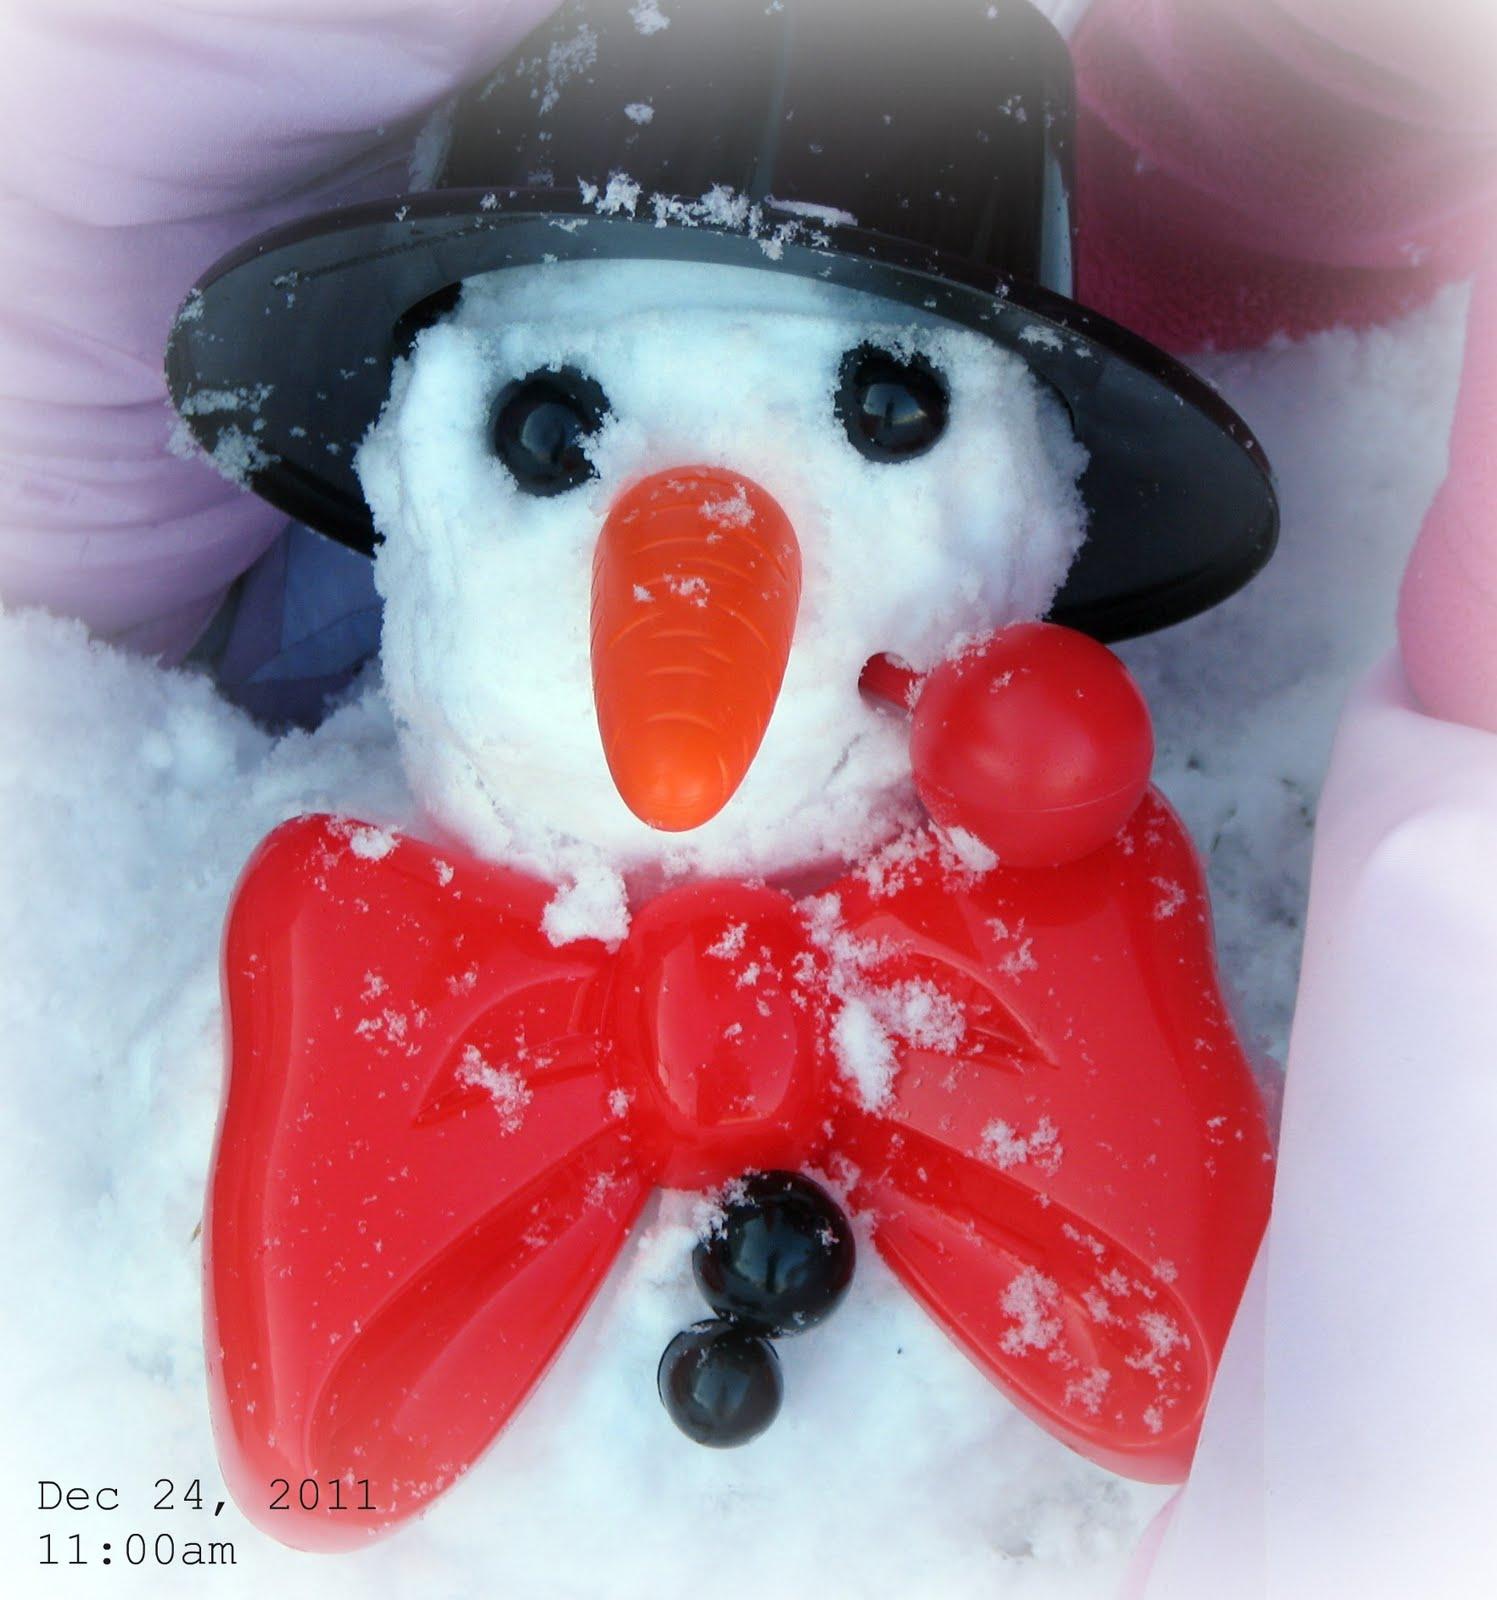 http://3.bp.blogspot.com/-2fFmtxEpKyw/TvX-n_gMM1I/AAAAAAAASMk/_AJUdMHm35U/s1600/snowman1.jpg